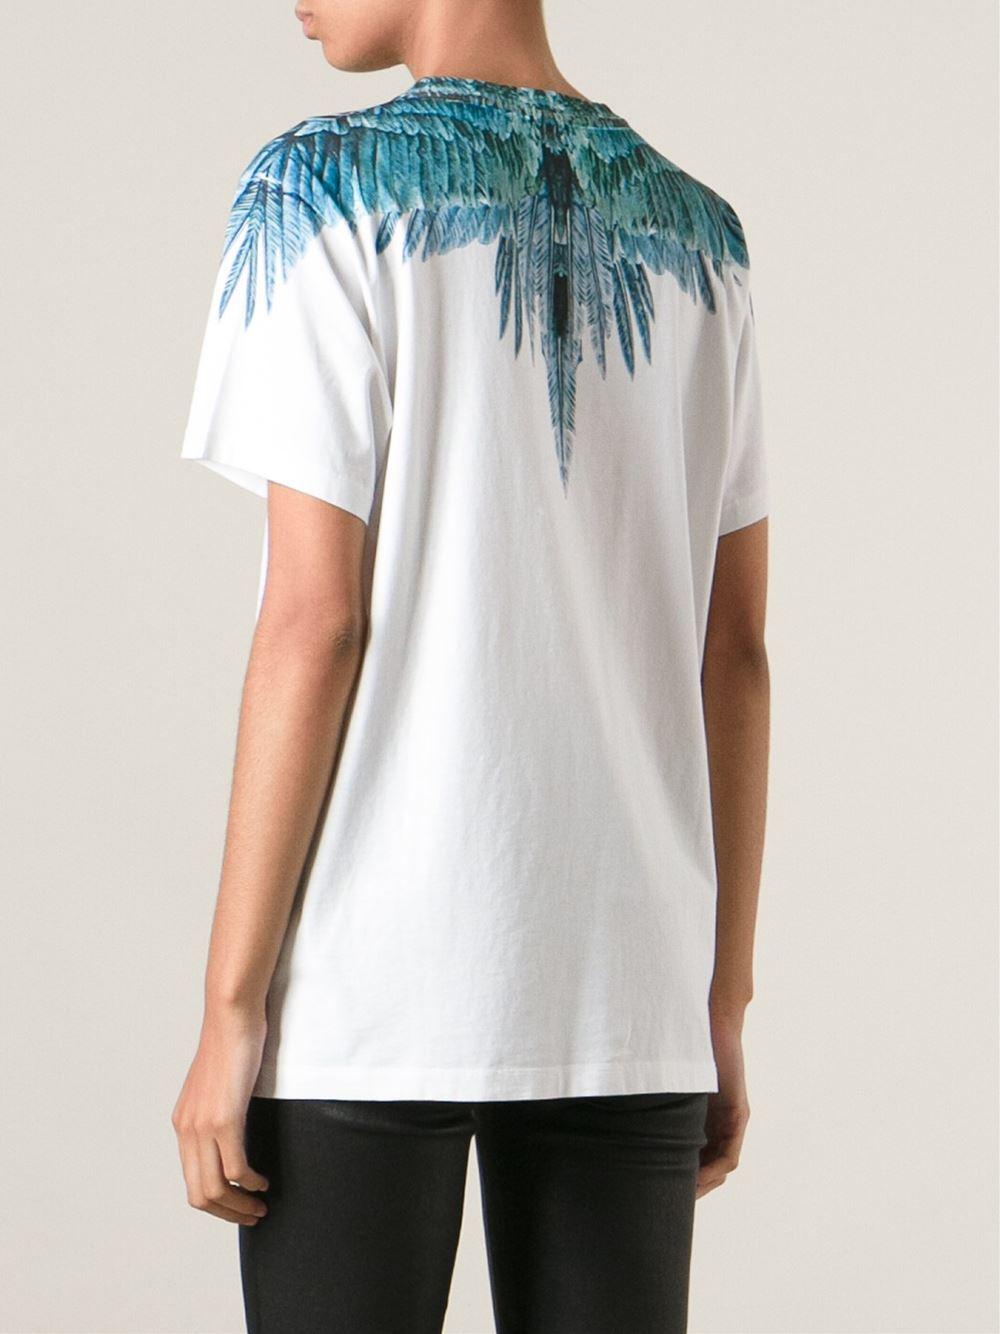 Clubbing Shirts For Women